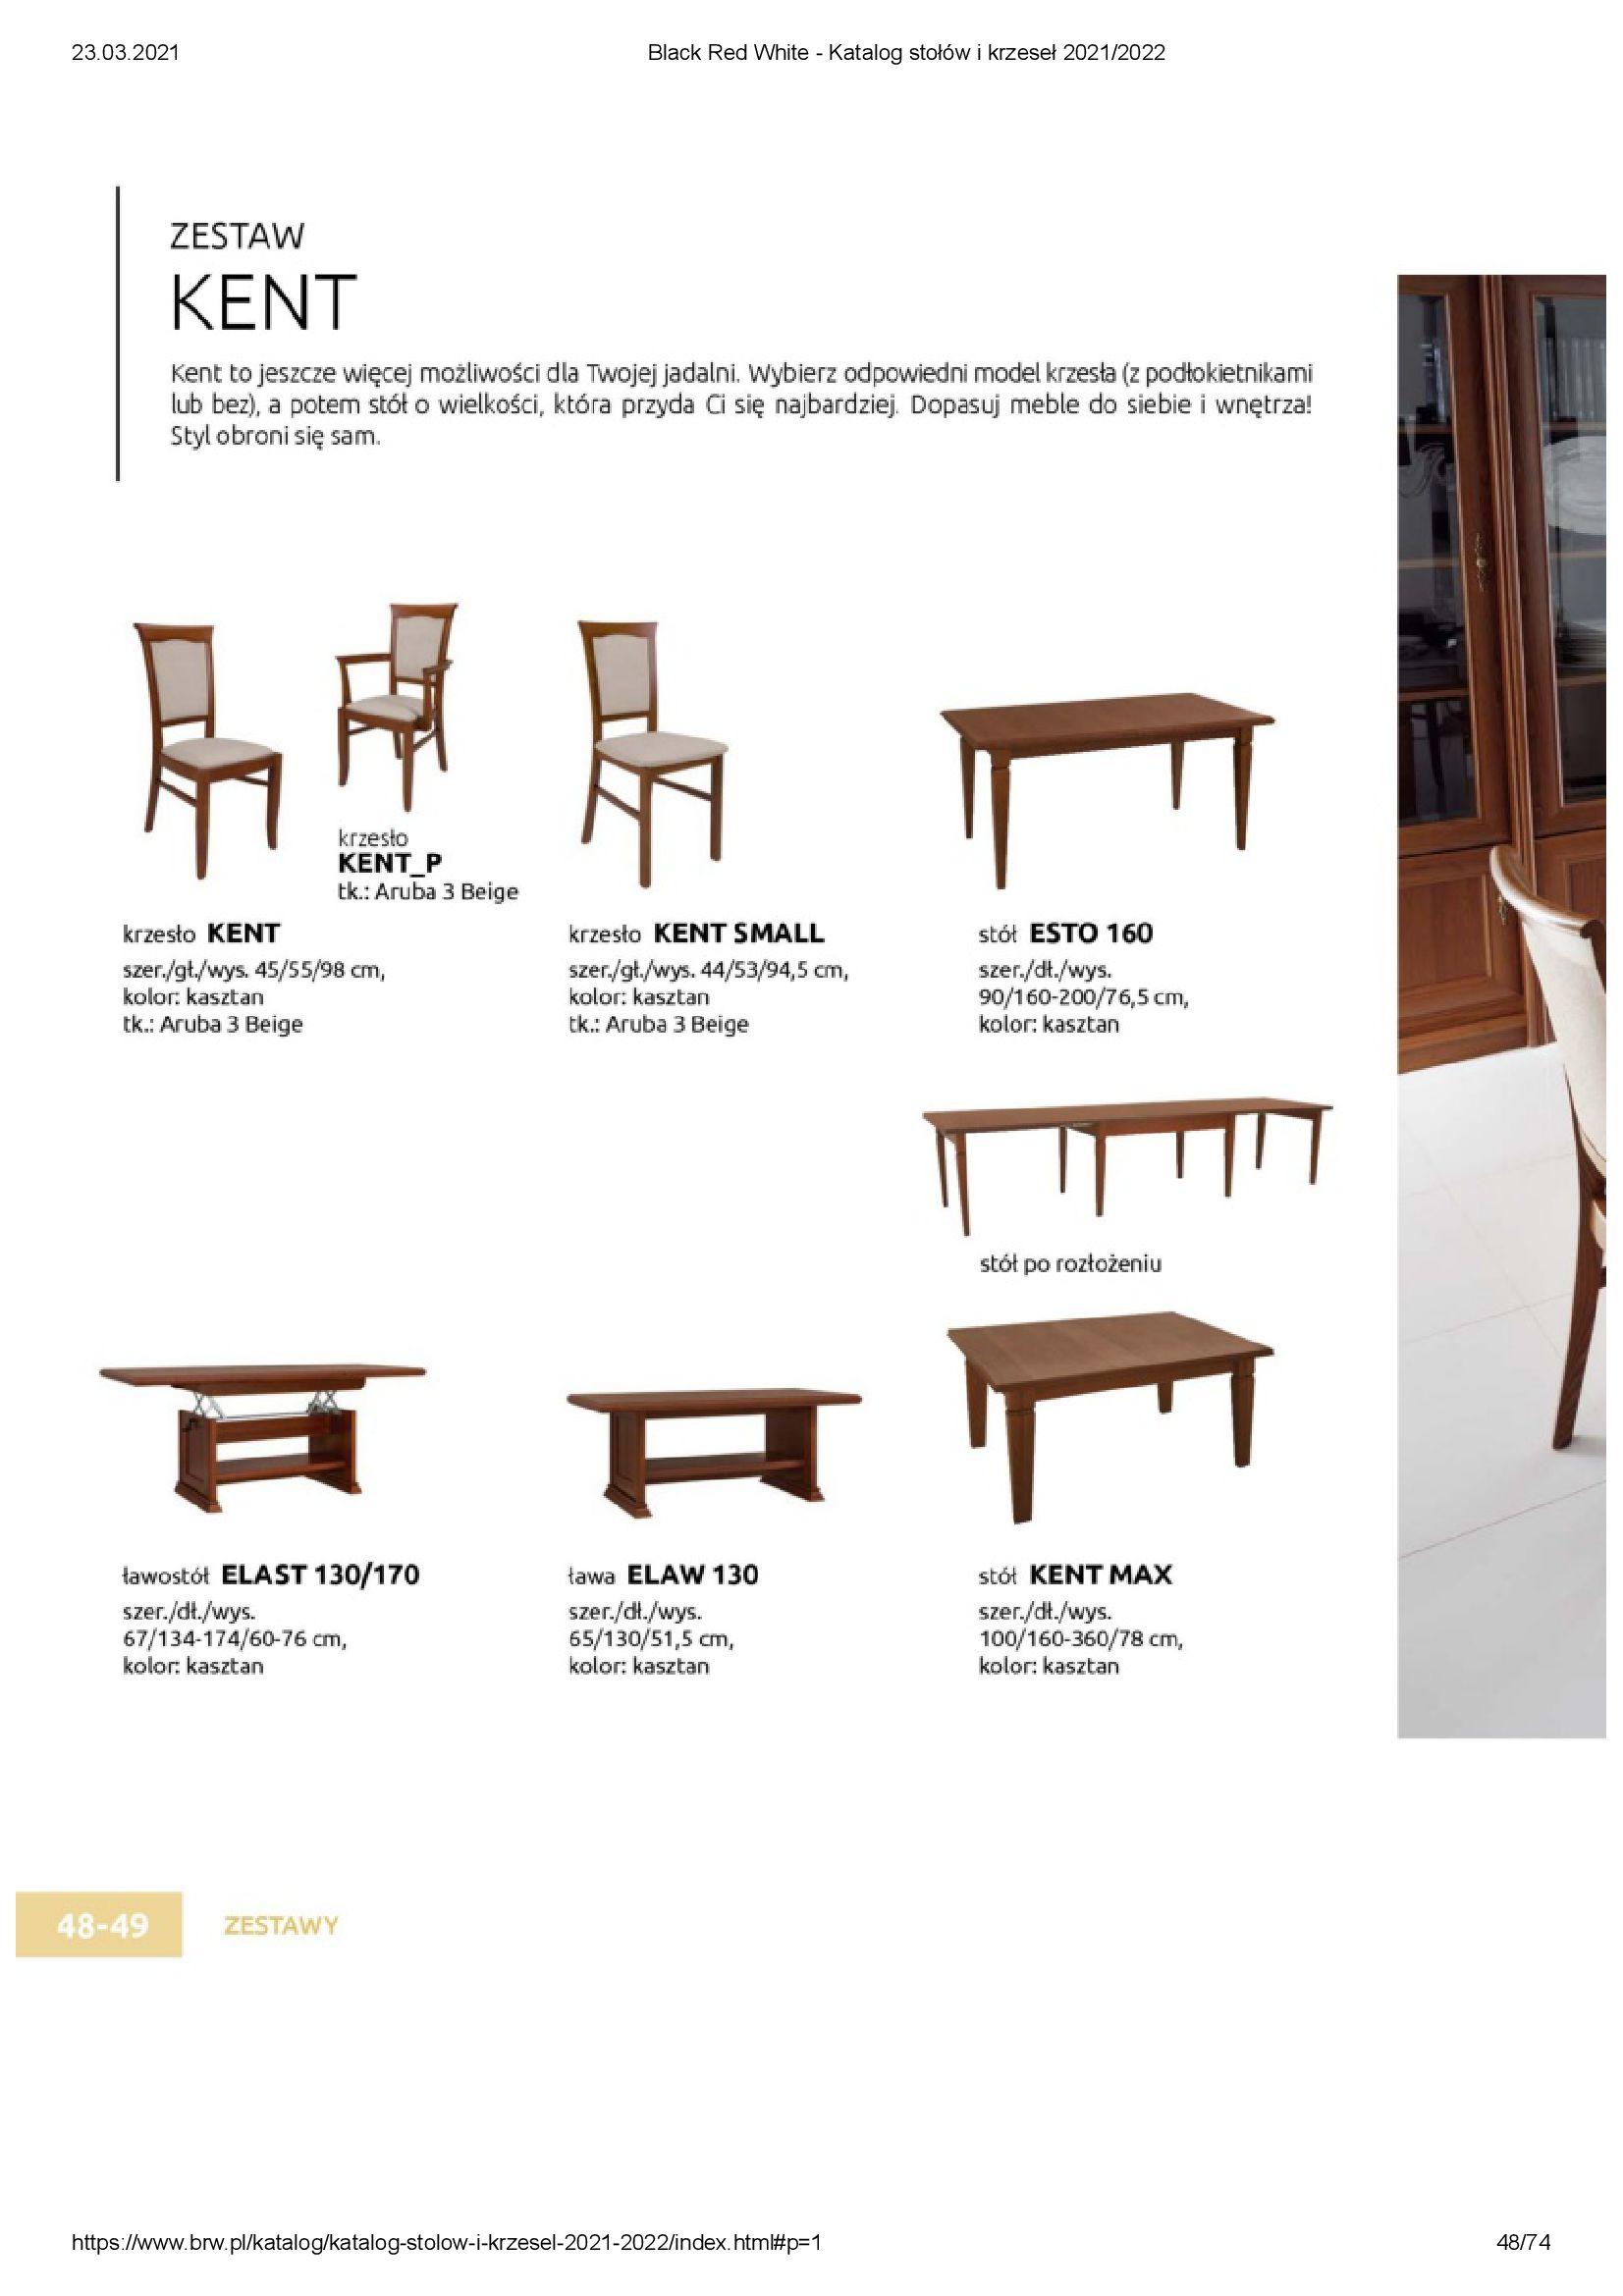 Gazetka Black Red White: Katalog stołów i krzeseł 2021-03-23 page-48